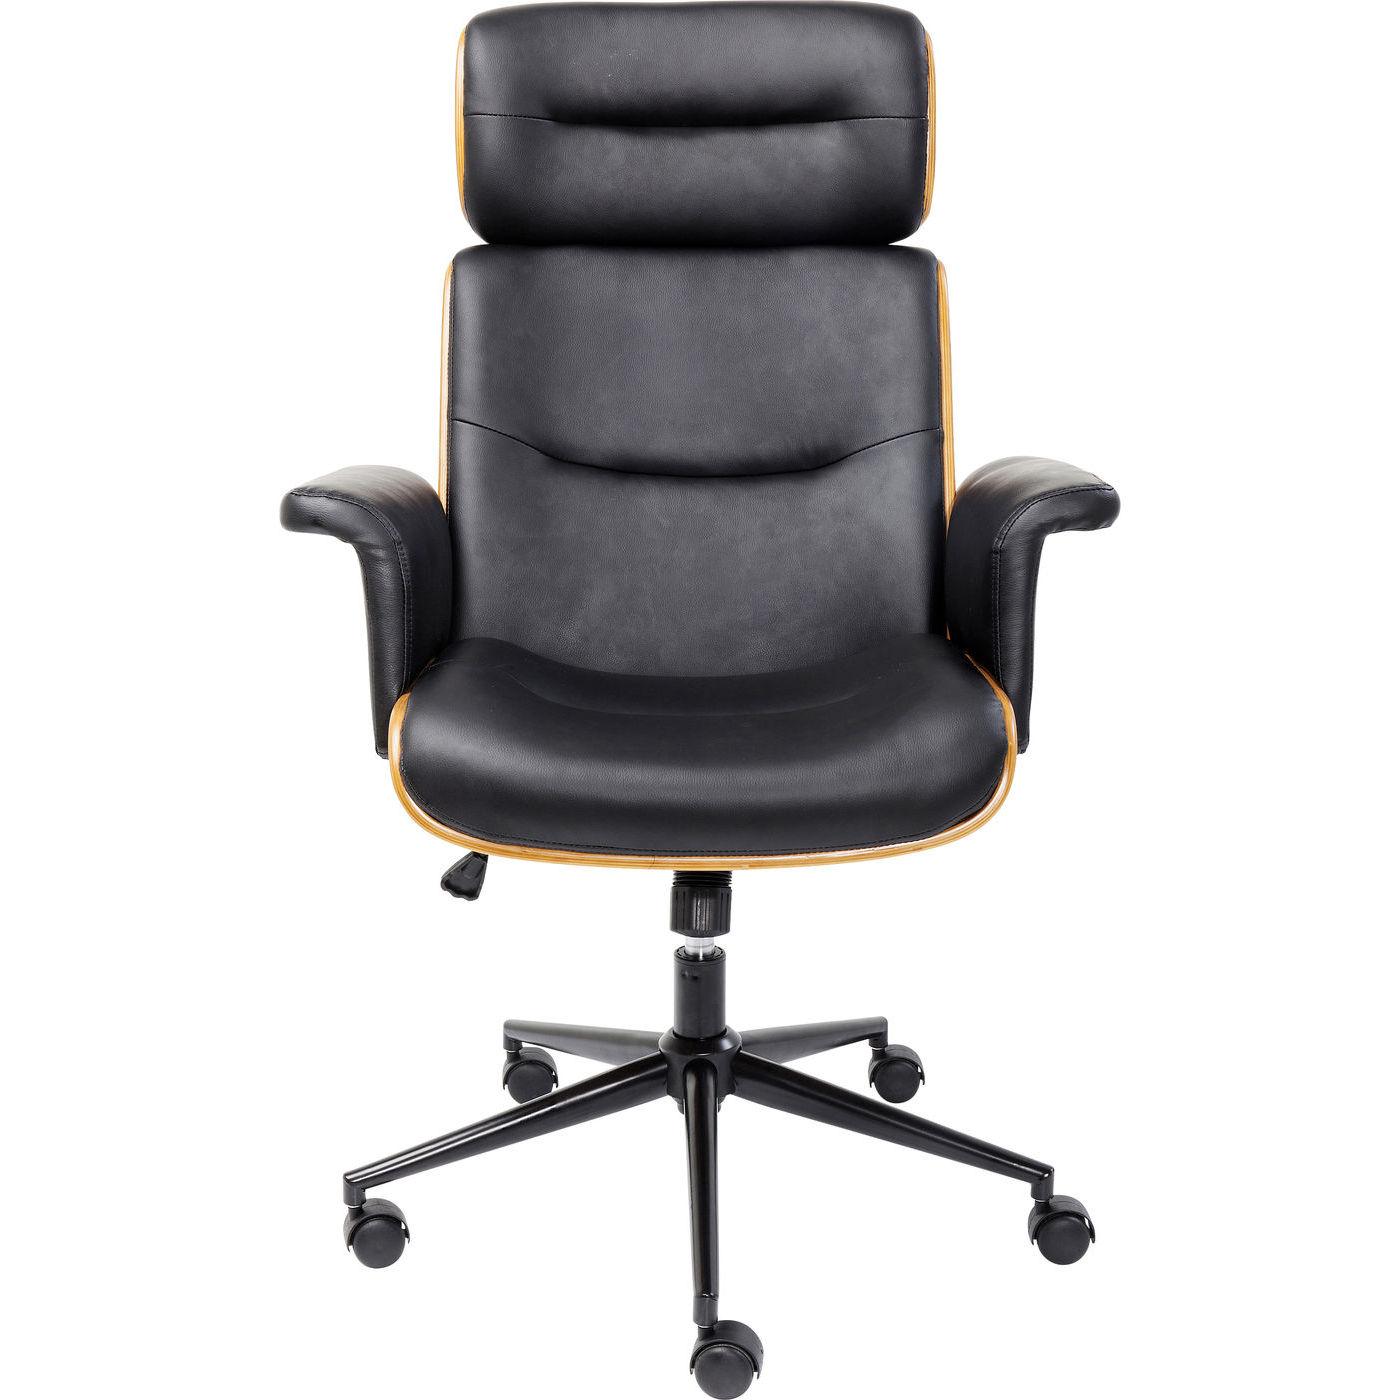 Billede af KARE DESIGN Check Out kontorstol - sort kunstlæder/natur finér/sort stål, m. hjul og armlæn